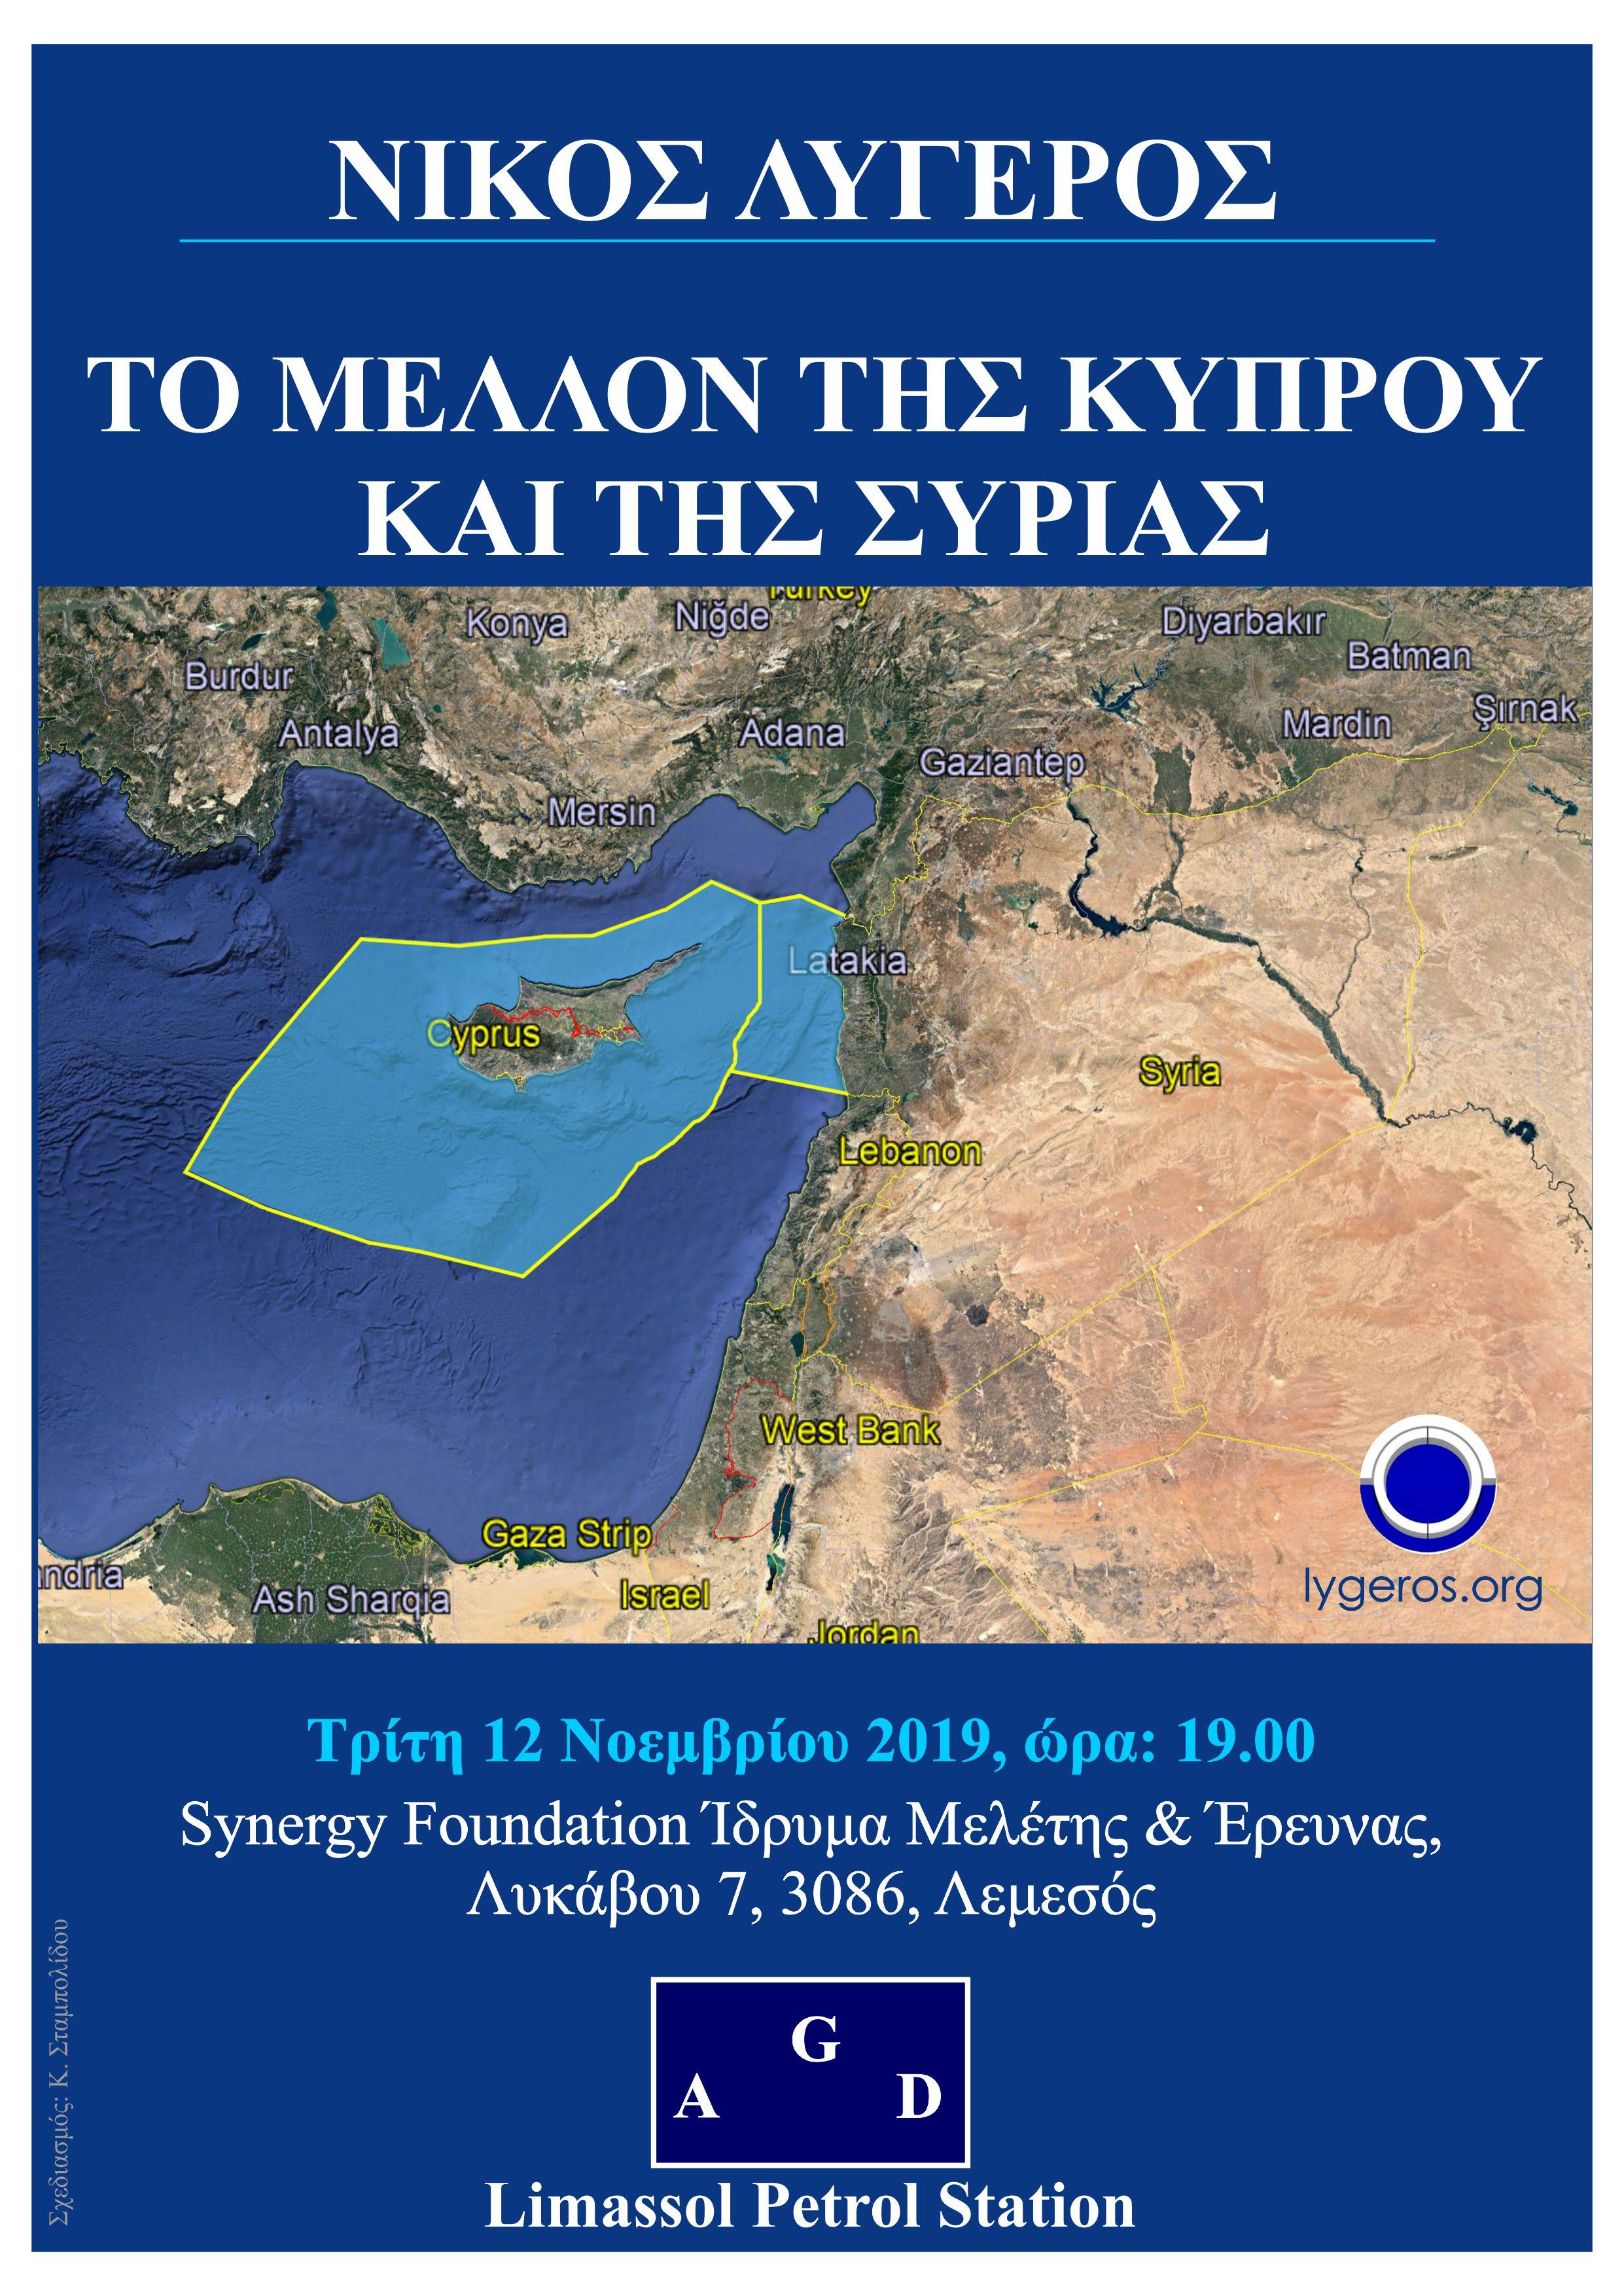 Διάλεξη: Το μέλλον της Κύπρου και της Συρίας